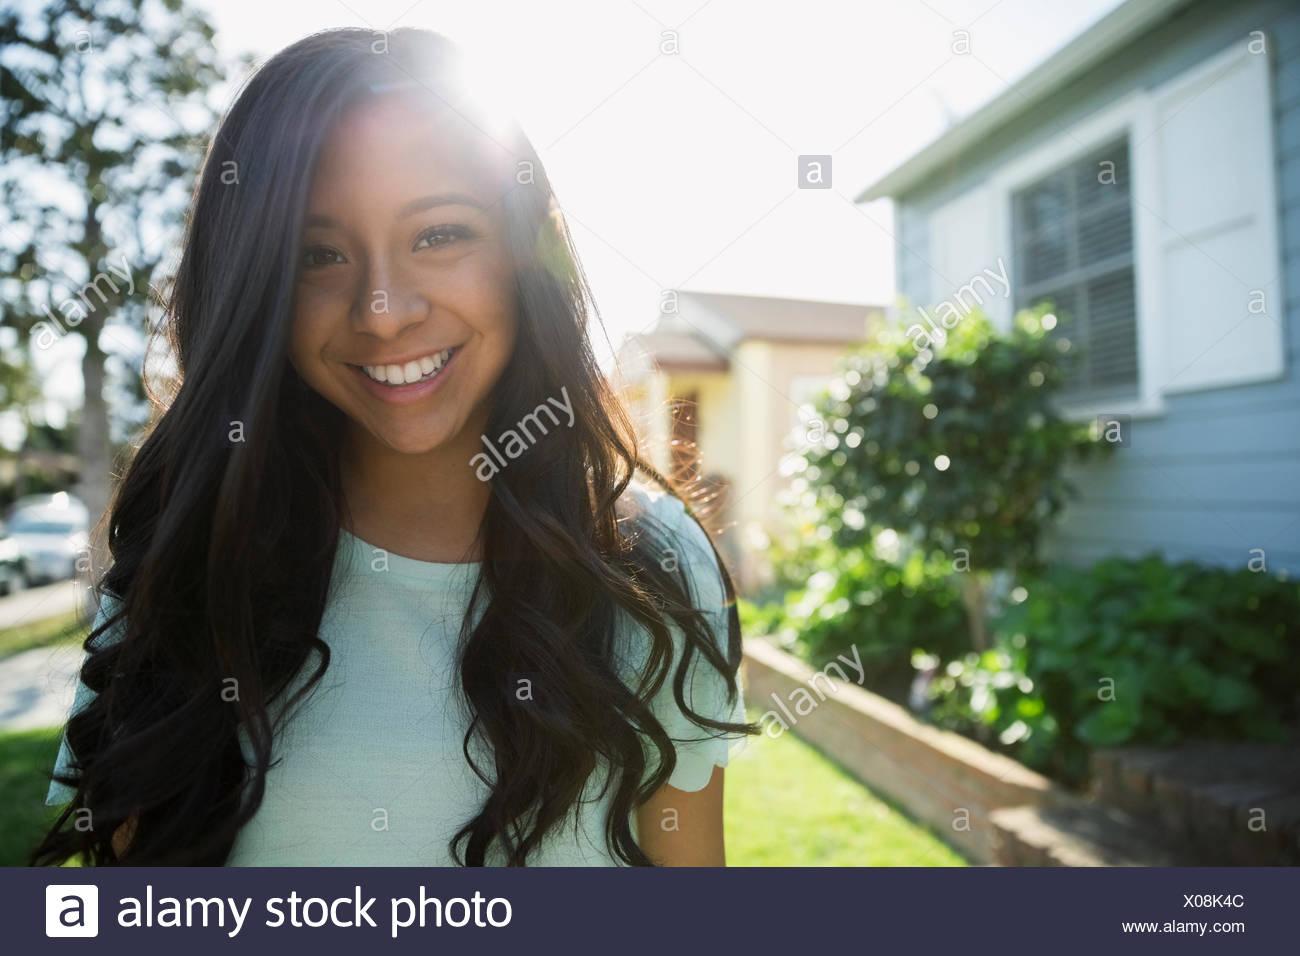 Retrato morena sonriente adolescente soleado patio delantero Foto de stock